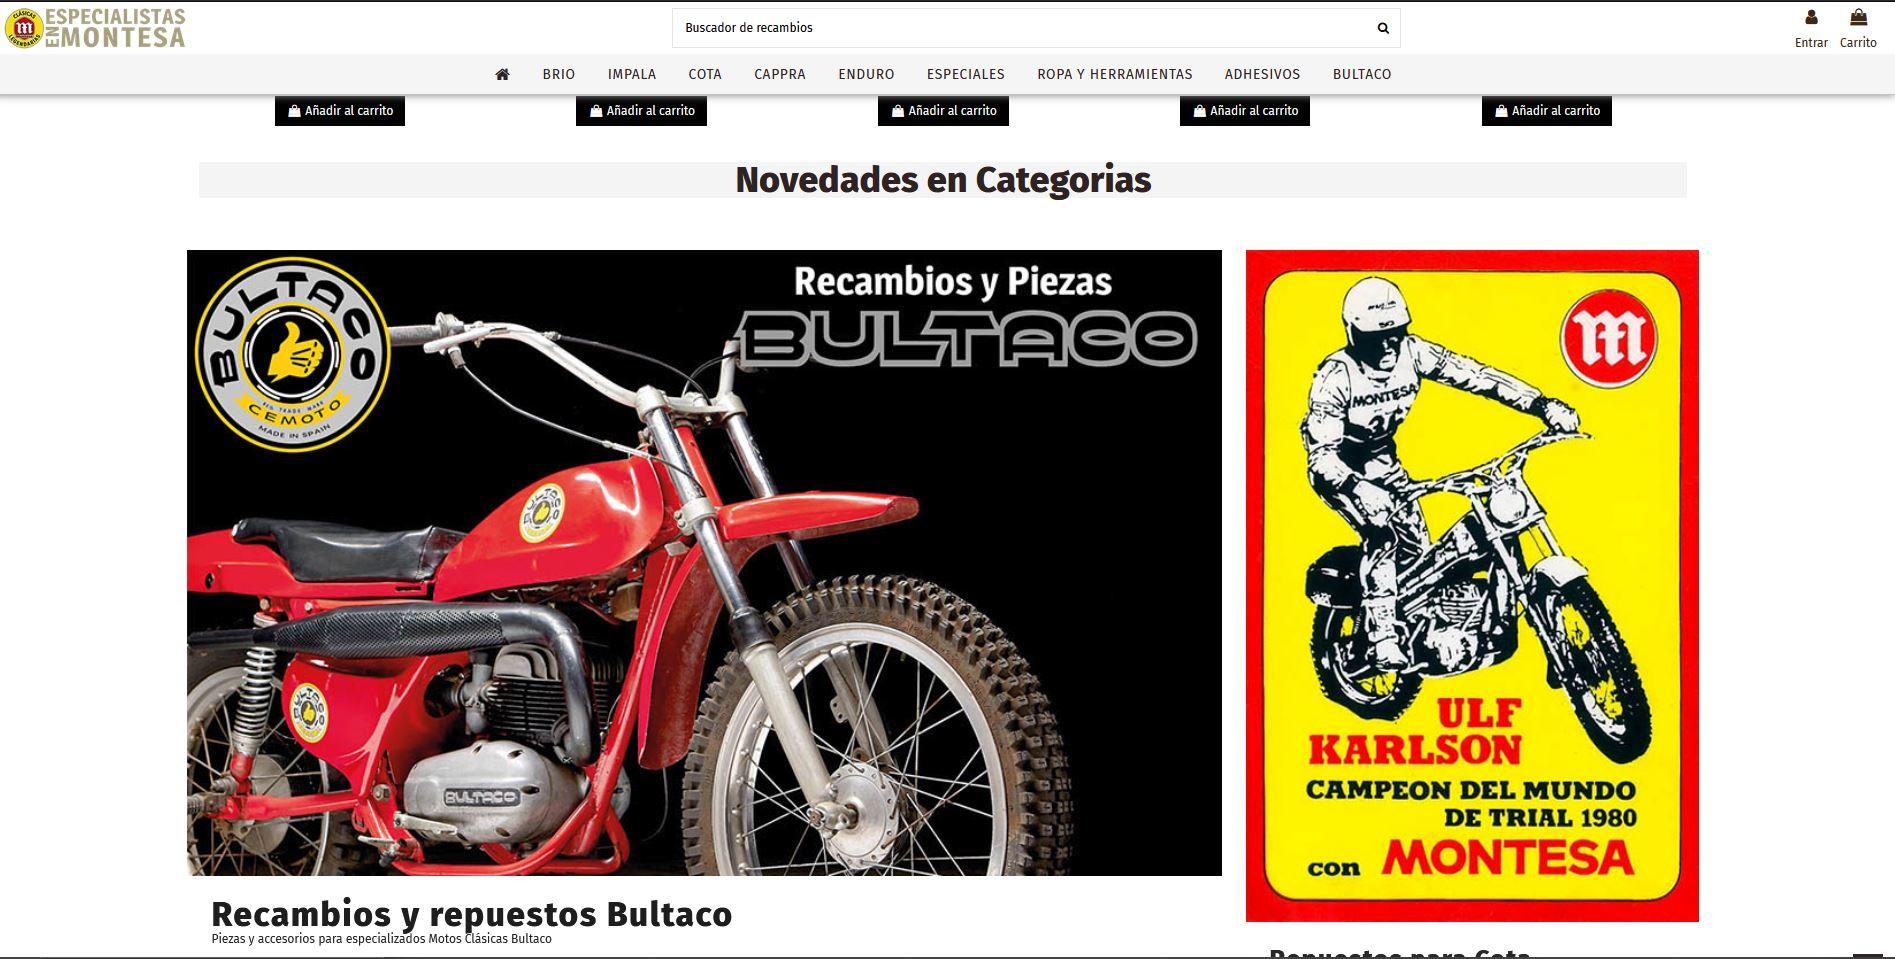 Tienda Virtual recambios montesa y Bultaco